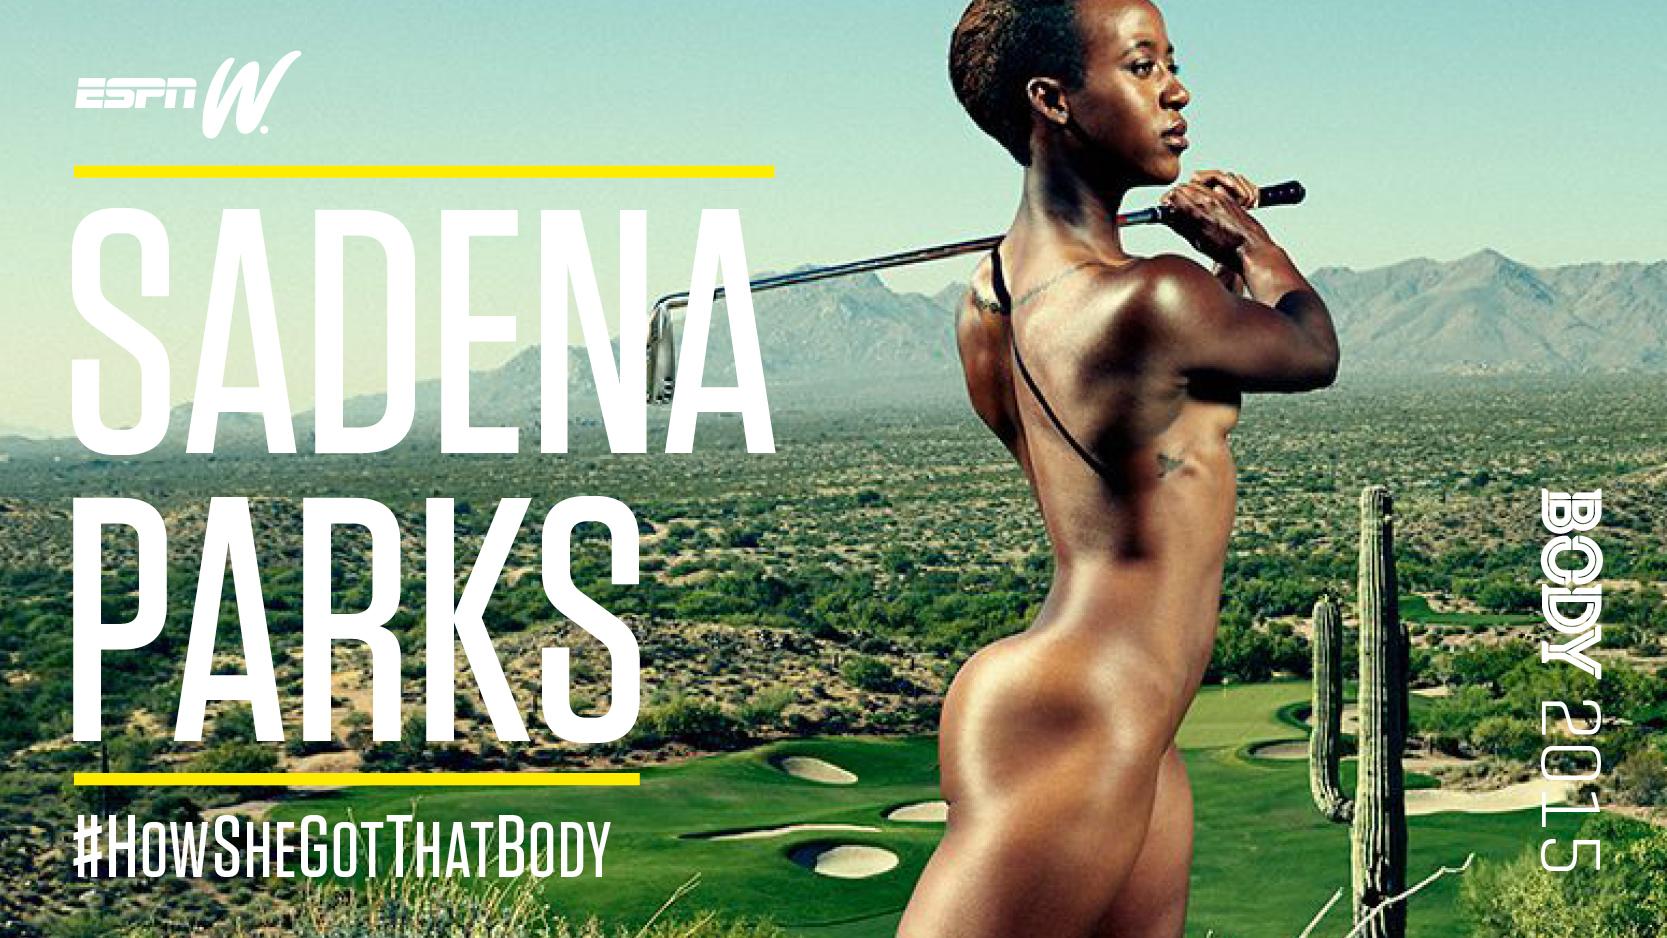 espnW #HowSheGotThatBody MEM - Sadena Parks